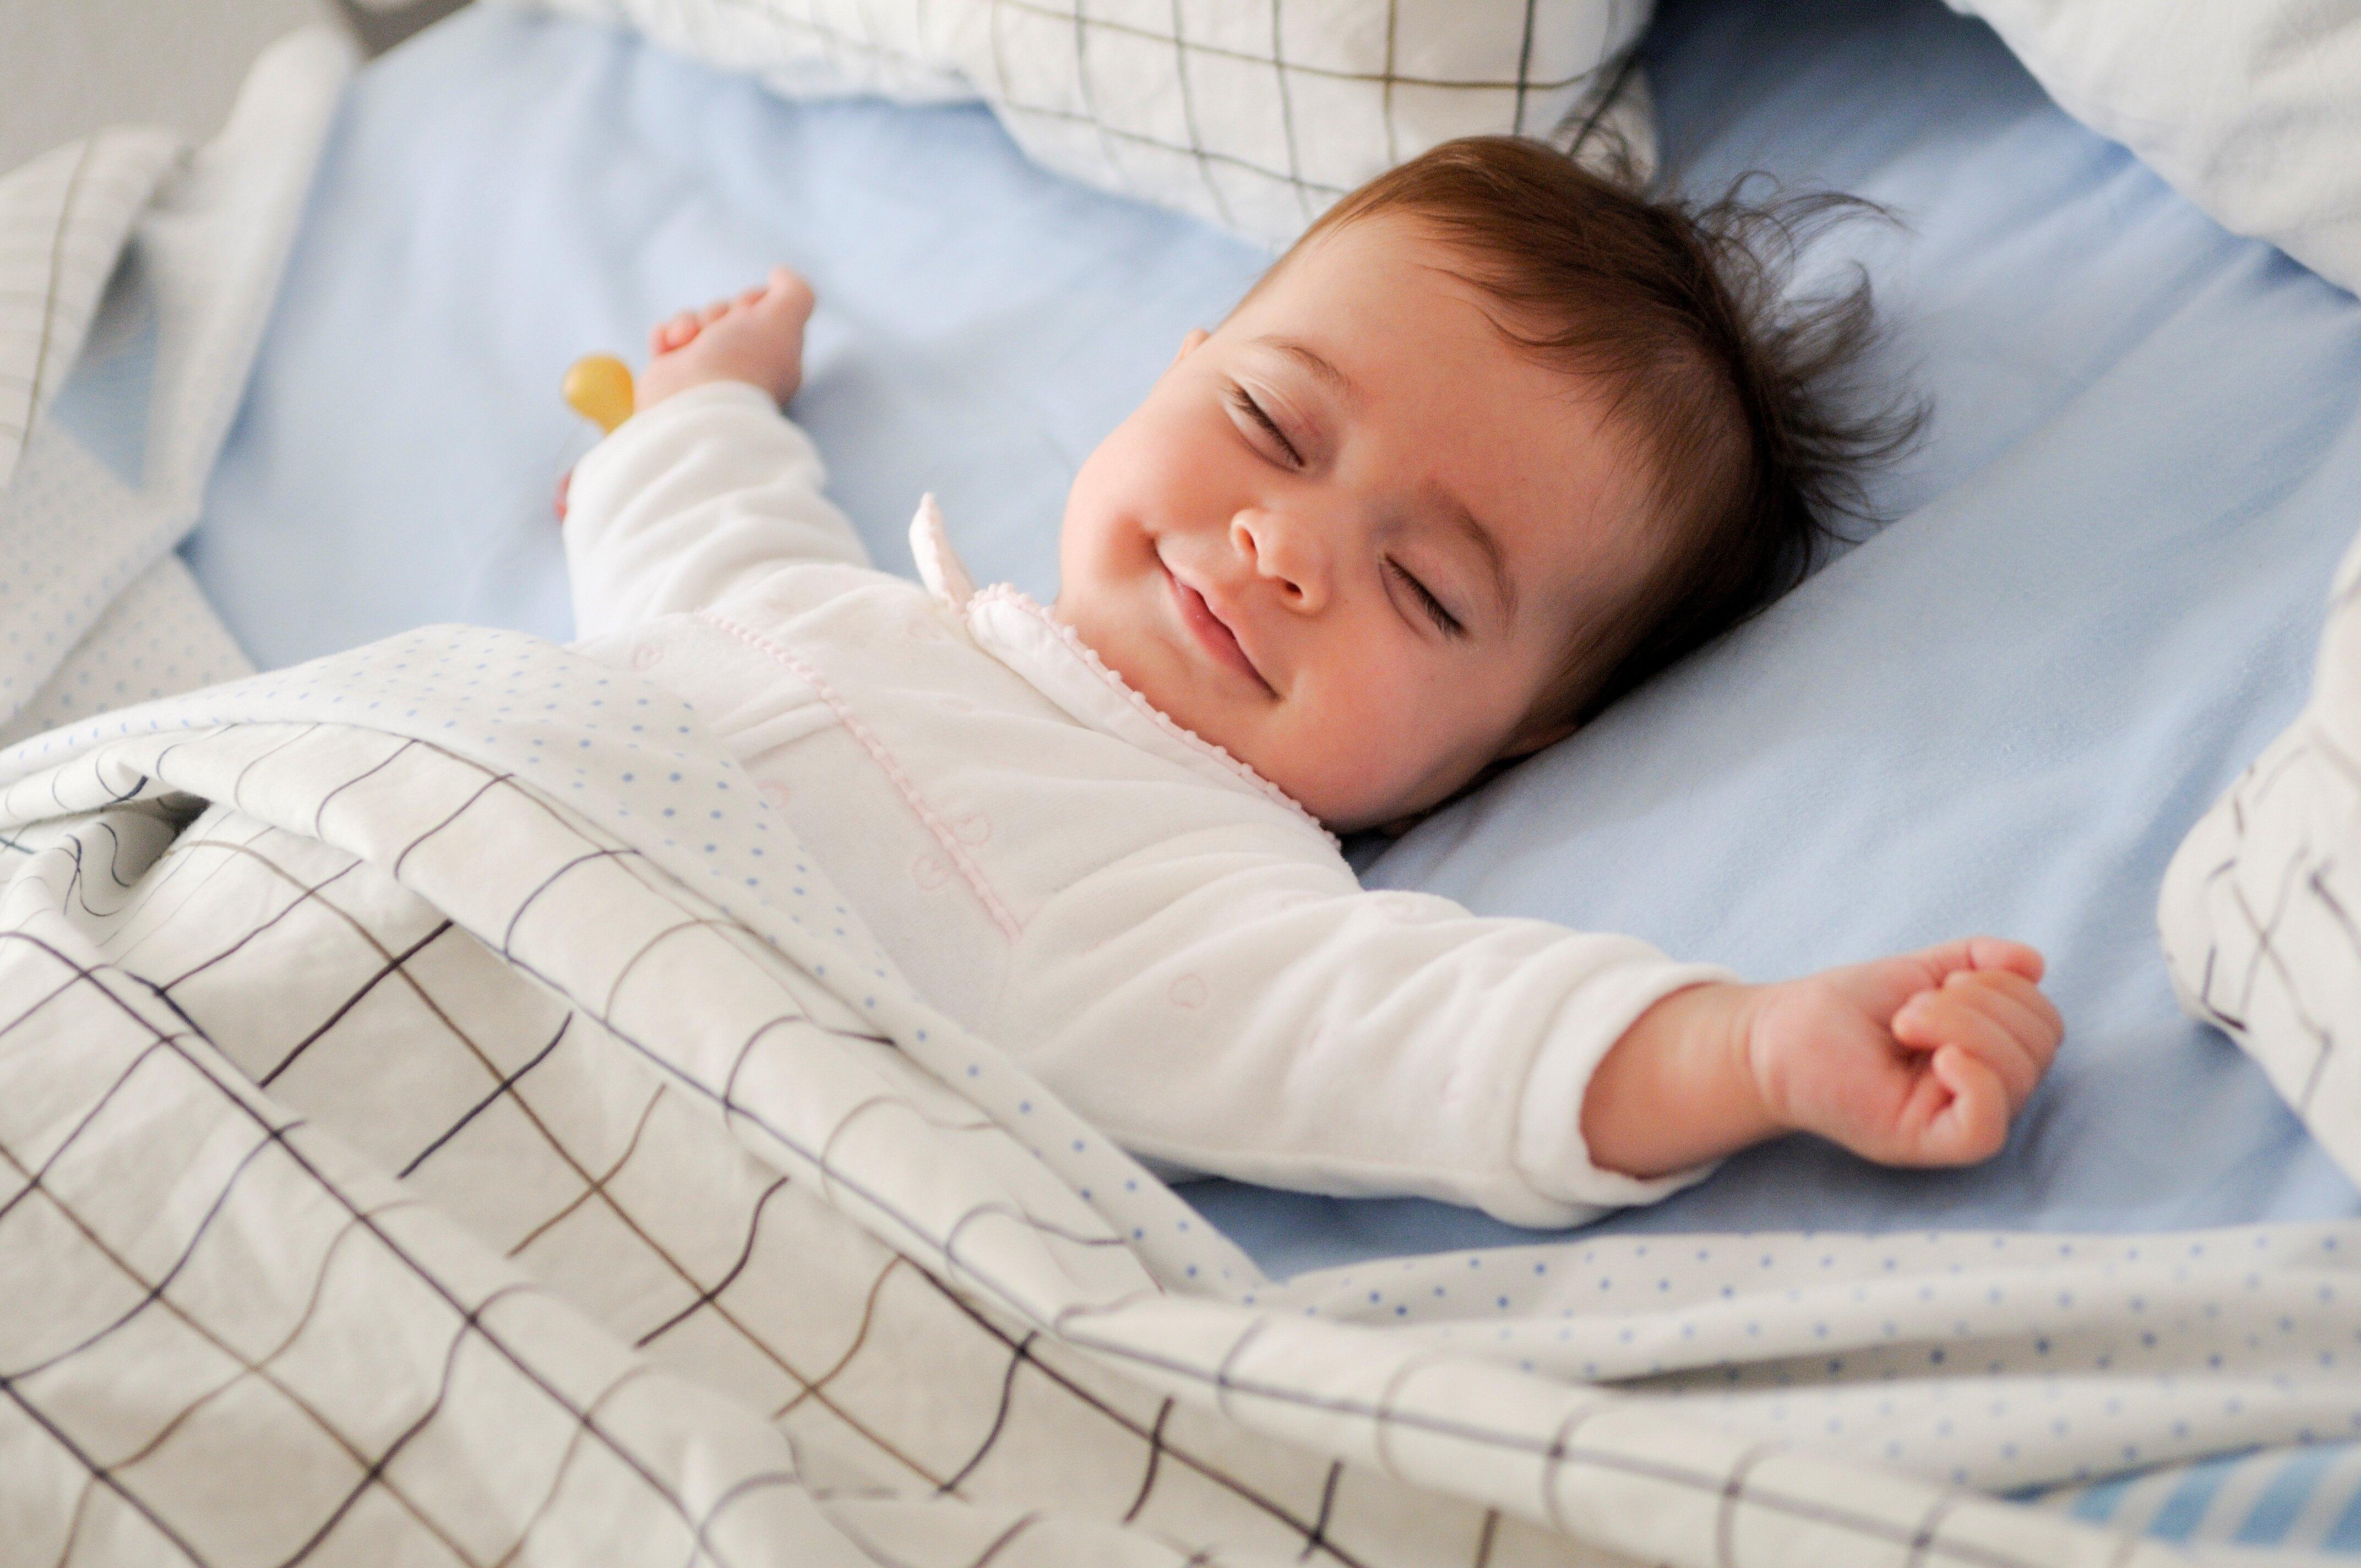 """Bạn nên ngủ bao nhiêu tiếng mỗi ngày – Thời gian ngủ """"chuẩn"""" cho từng lứa tuổi"""